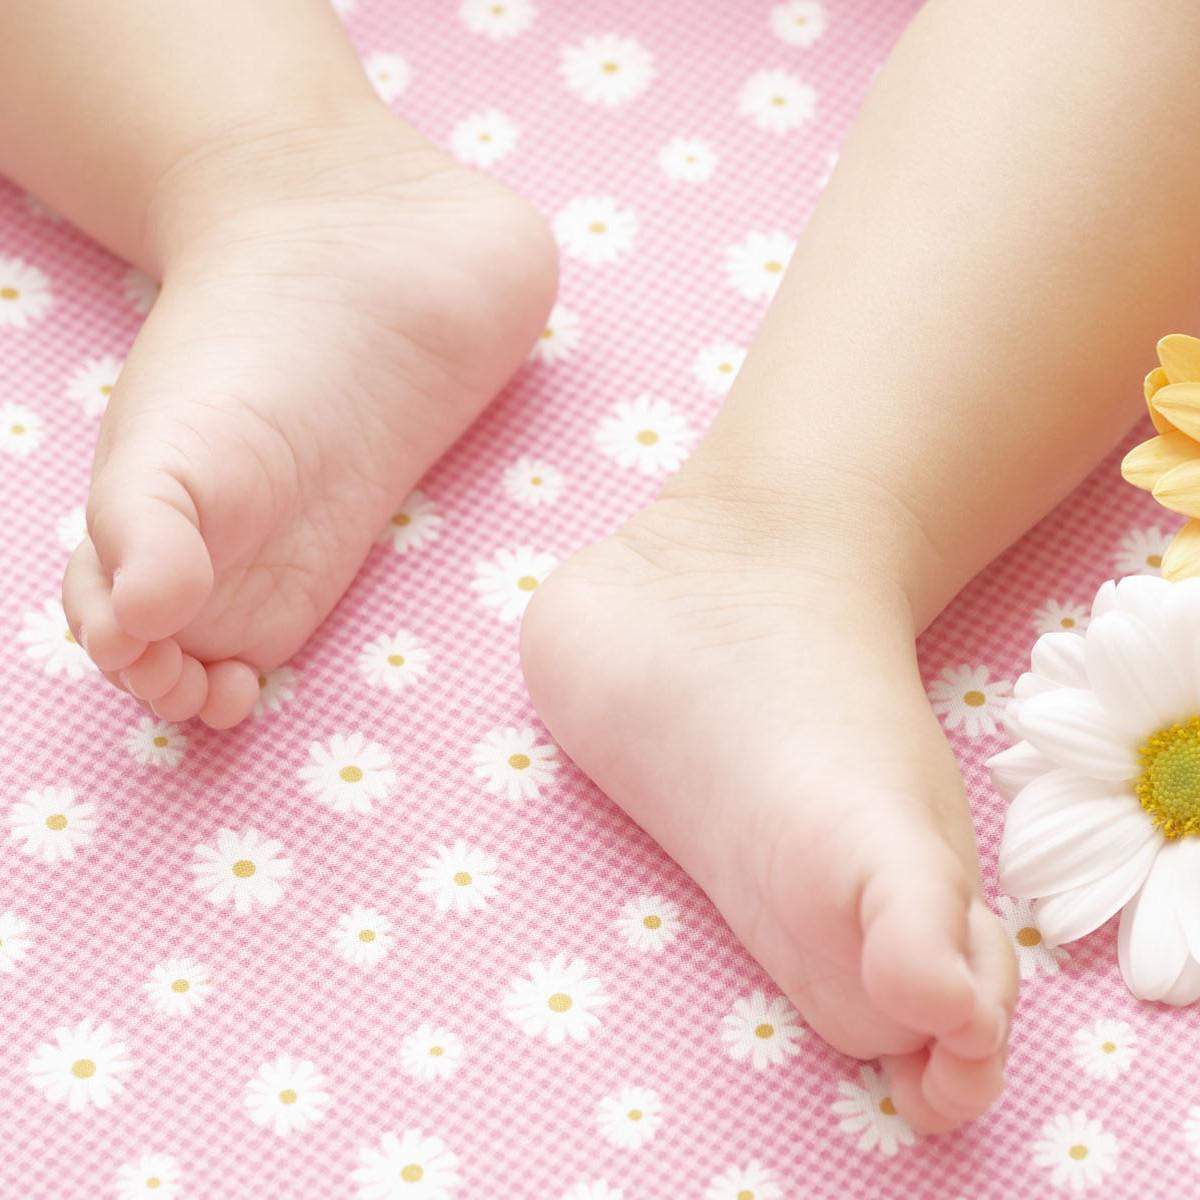 massagens-para-bebes-a-tecnica-shantala-ambiente